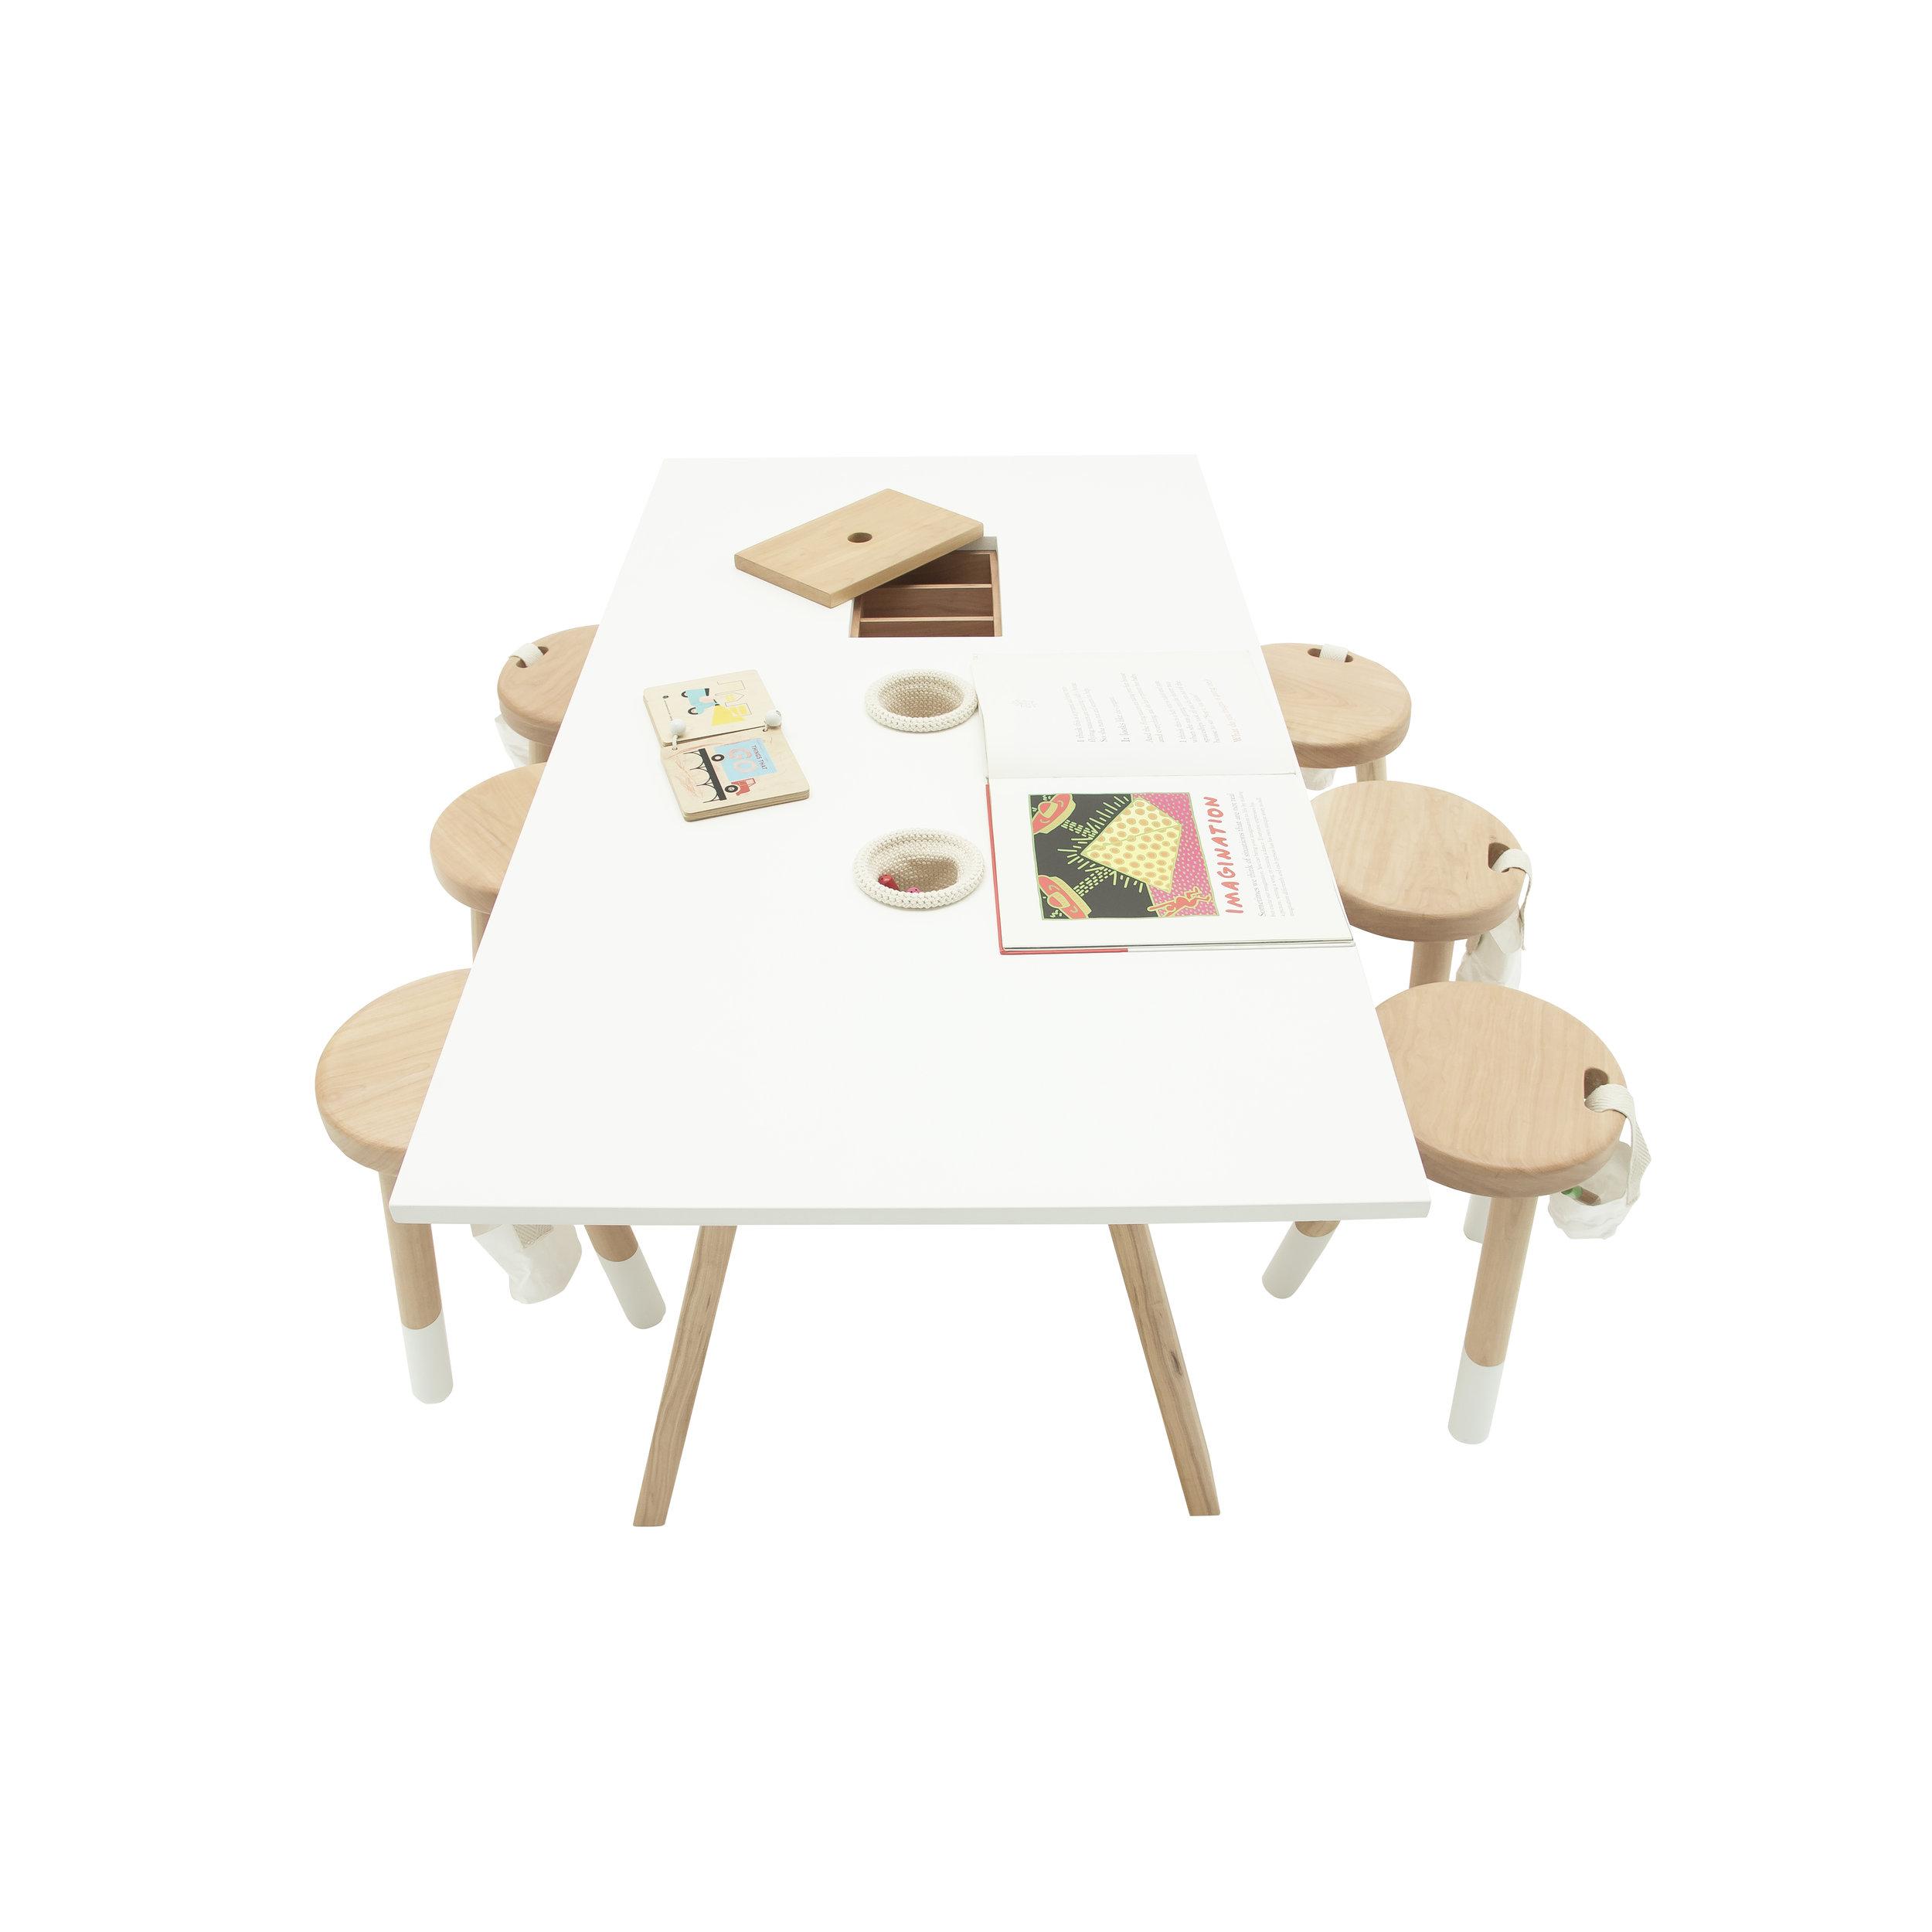 KH_Mini-Maxxi-Table_05.jpg